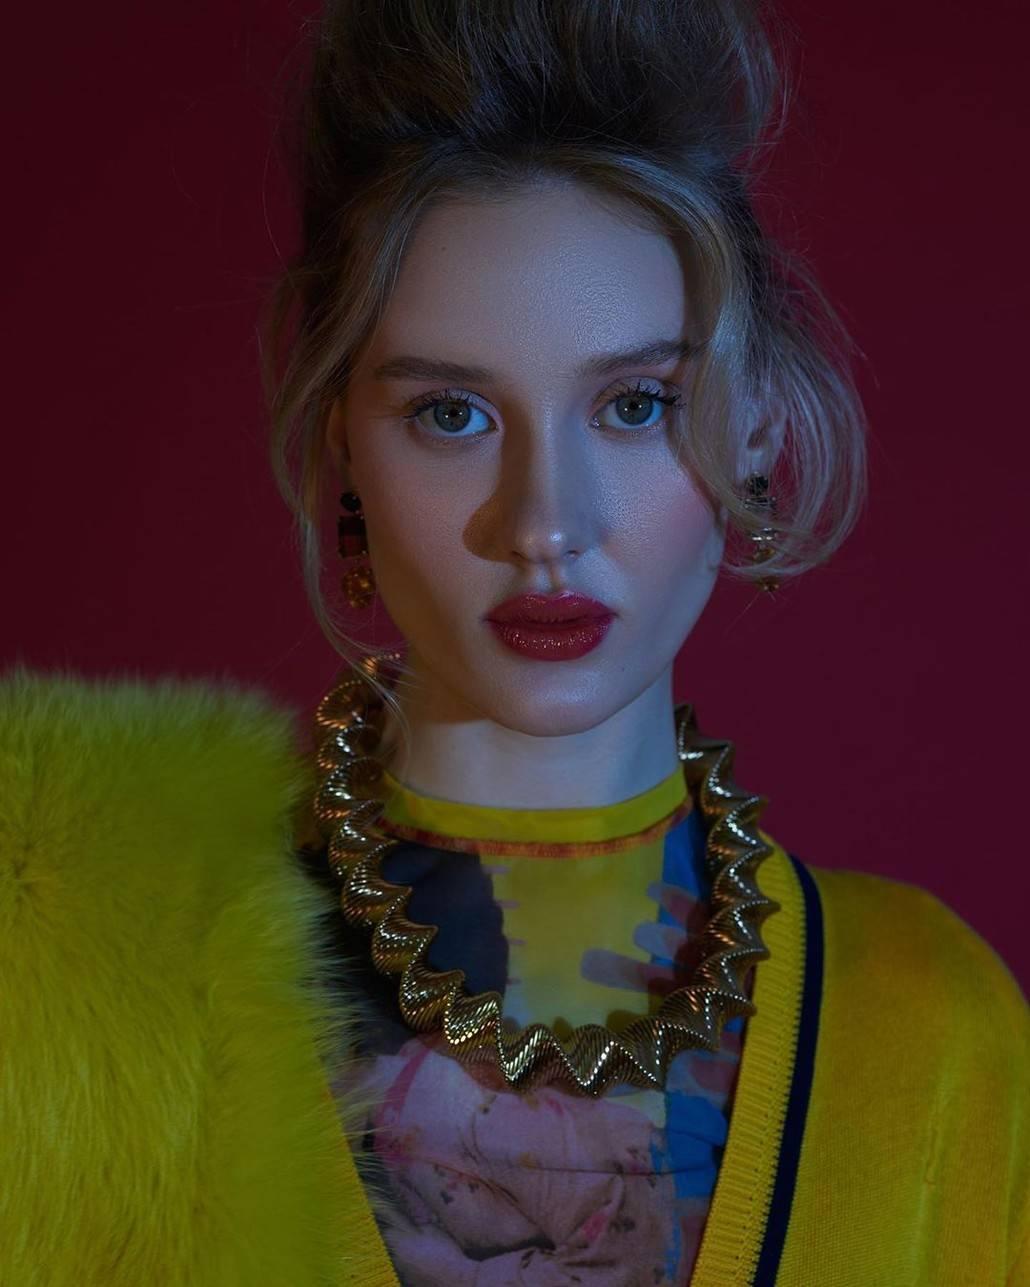 Trend prive magazine adore adorn